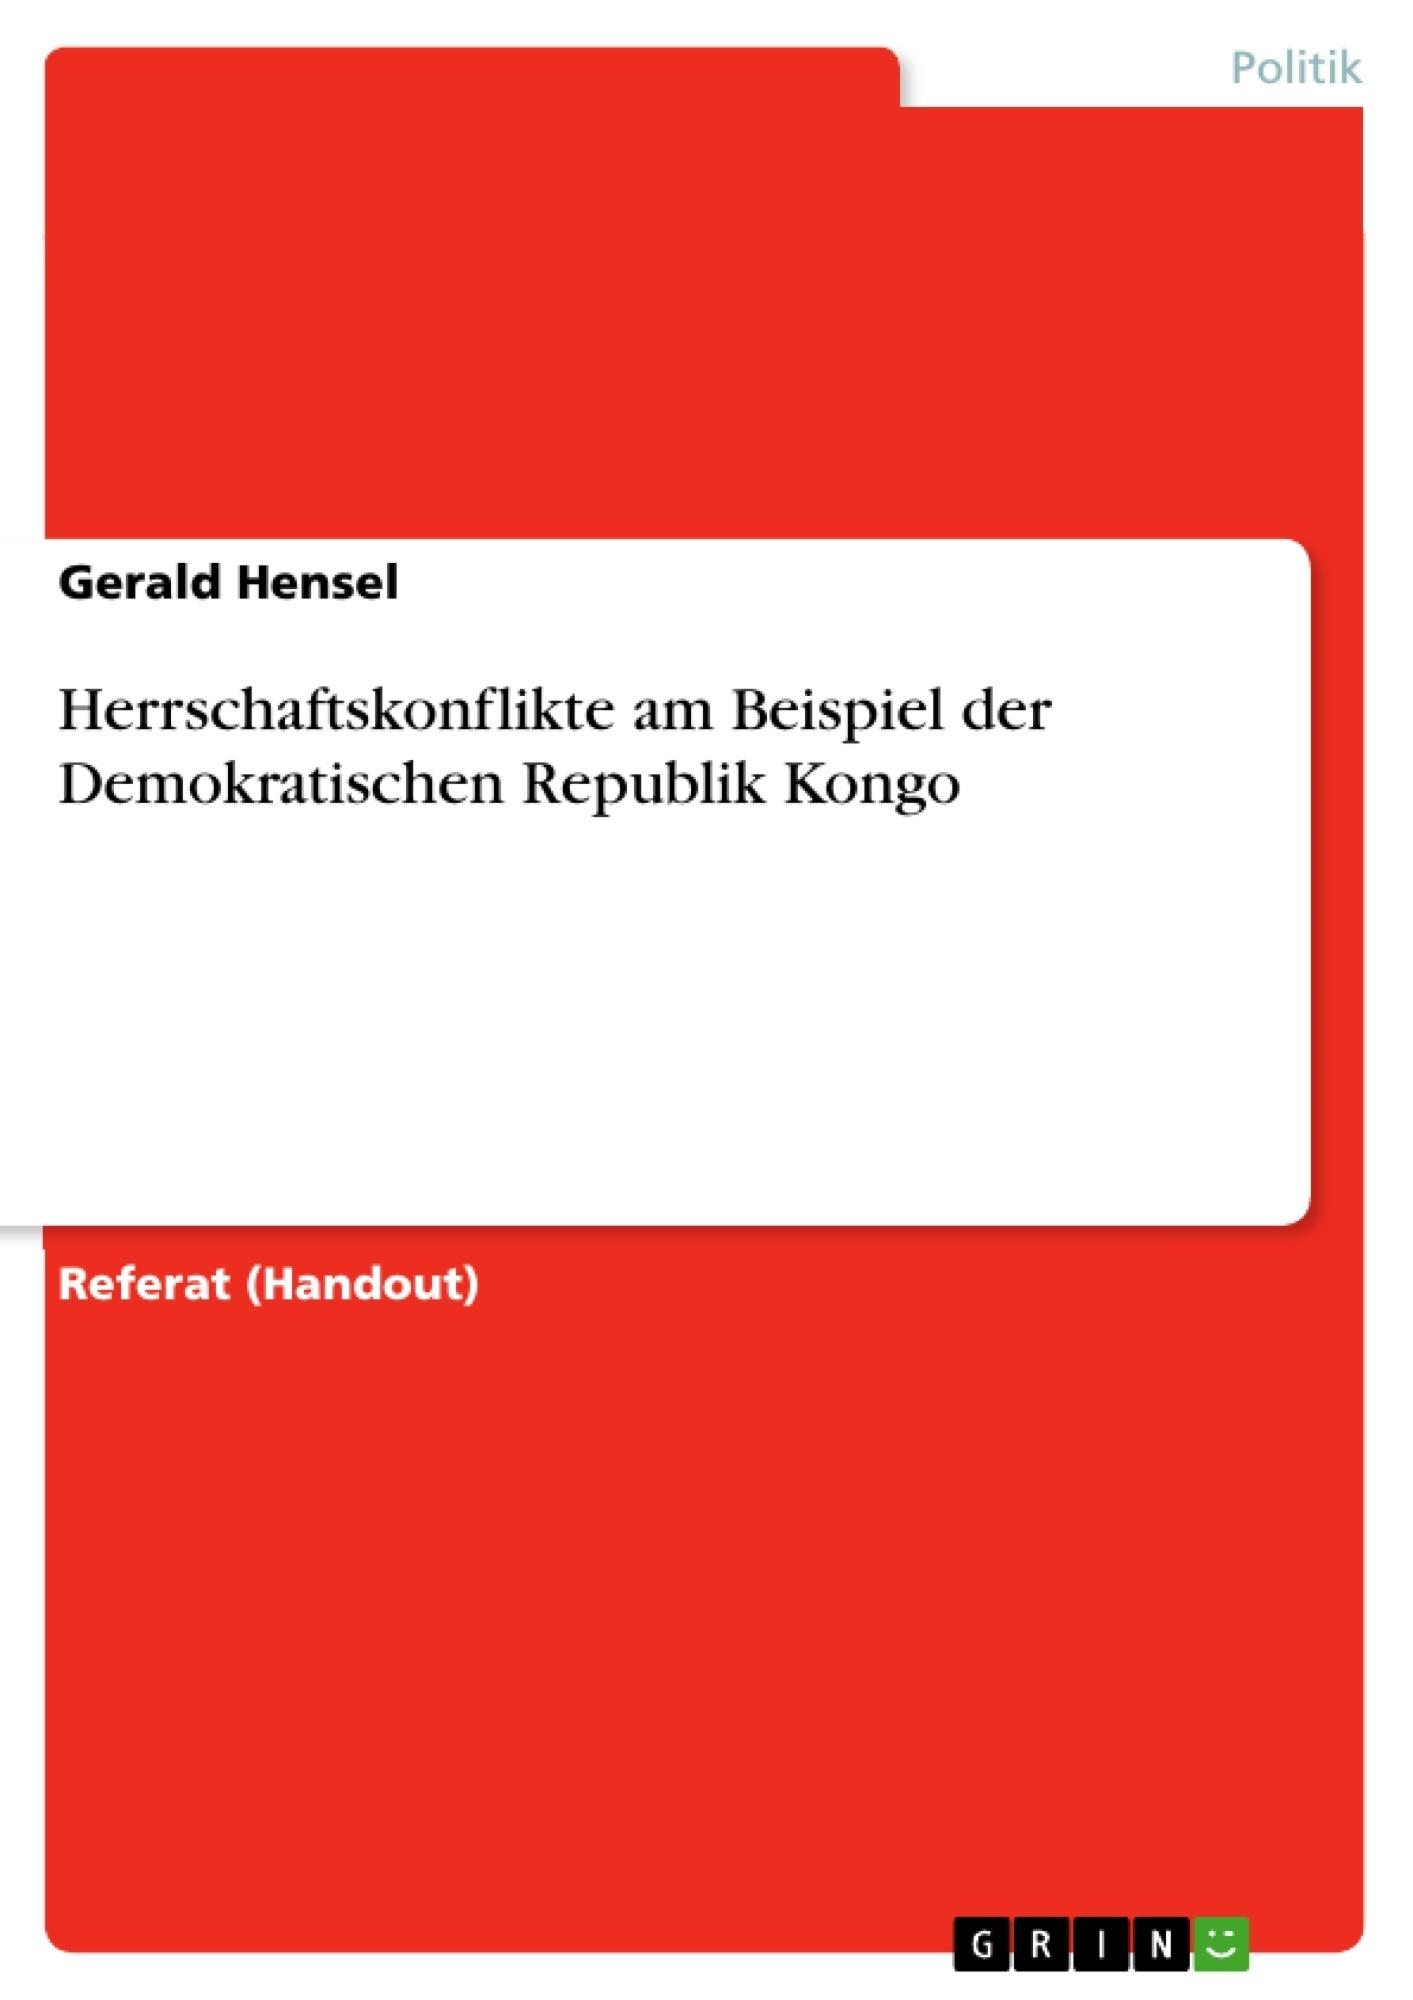 Titel: Herrschaftskonflikte am Beispiel der Demokratischen Republik Kongo